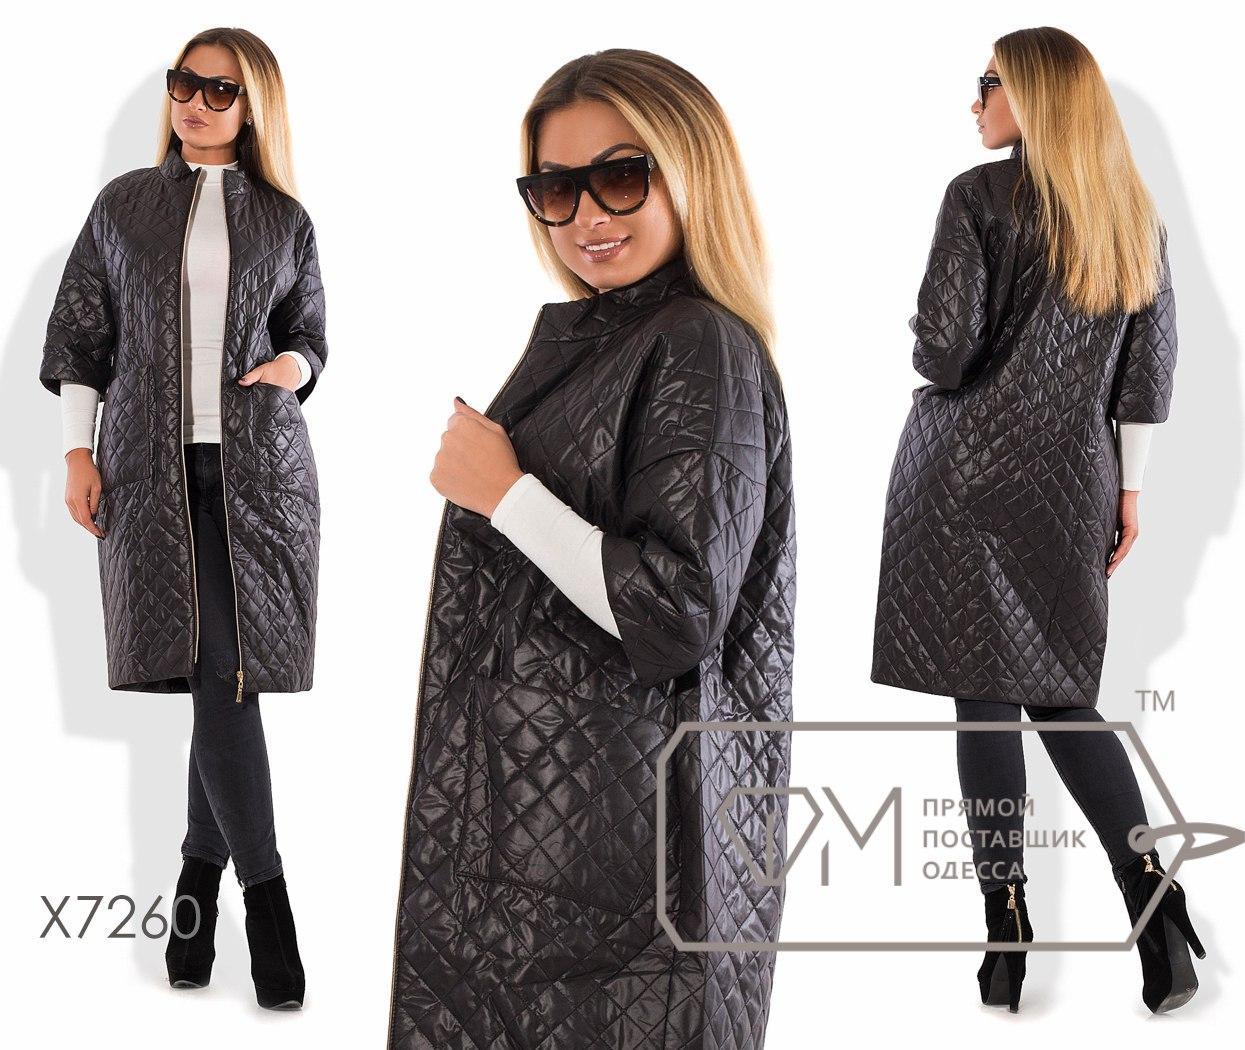 Пальто-кокон из стёганой плащёвки на синтепоне с рукавами 3/4, воротом-стойкой, молнией по всей длине и накладными карманами X7260